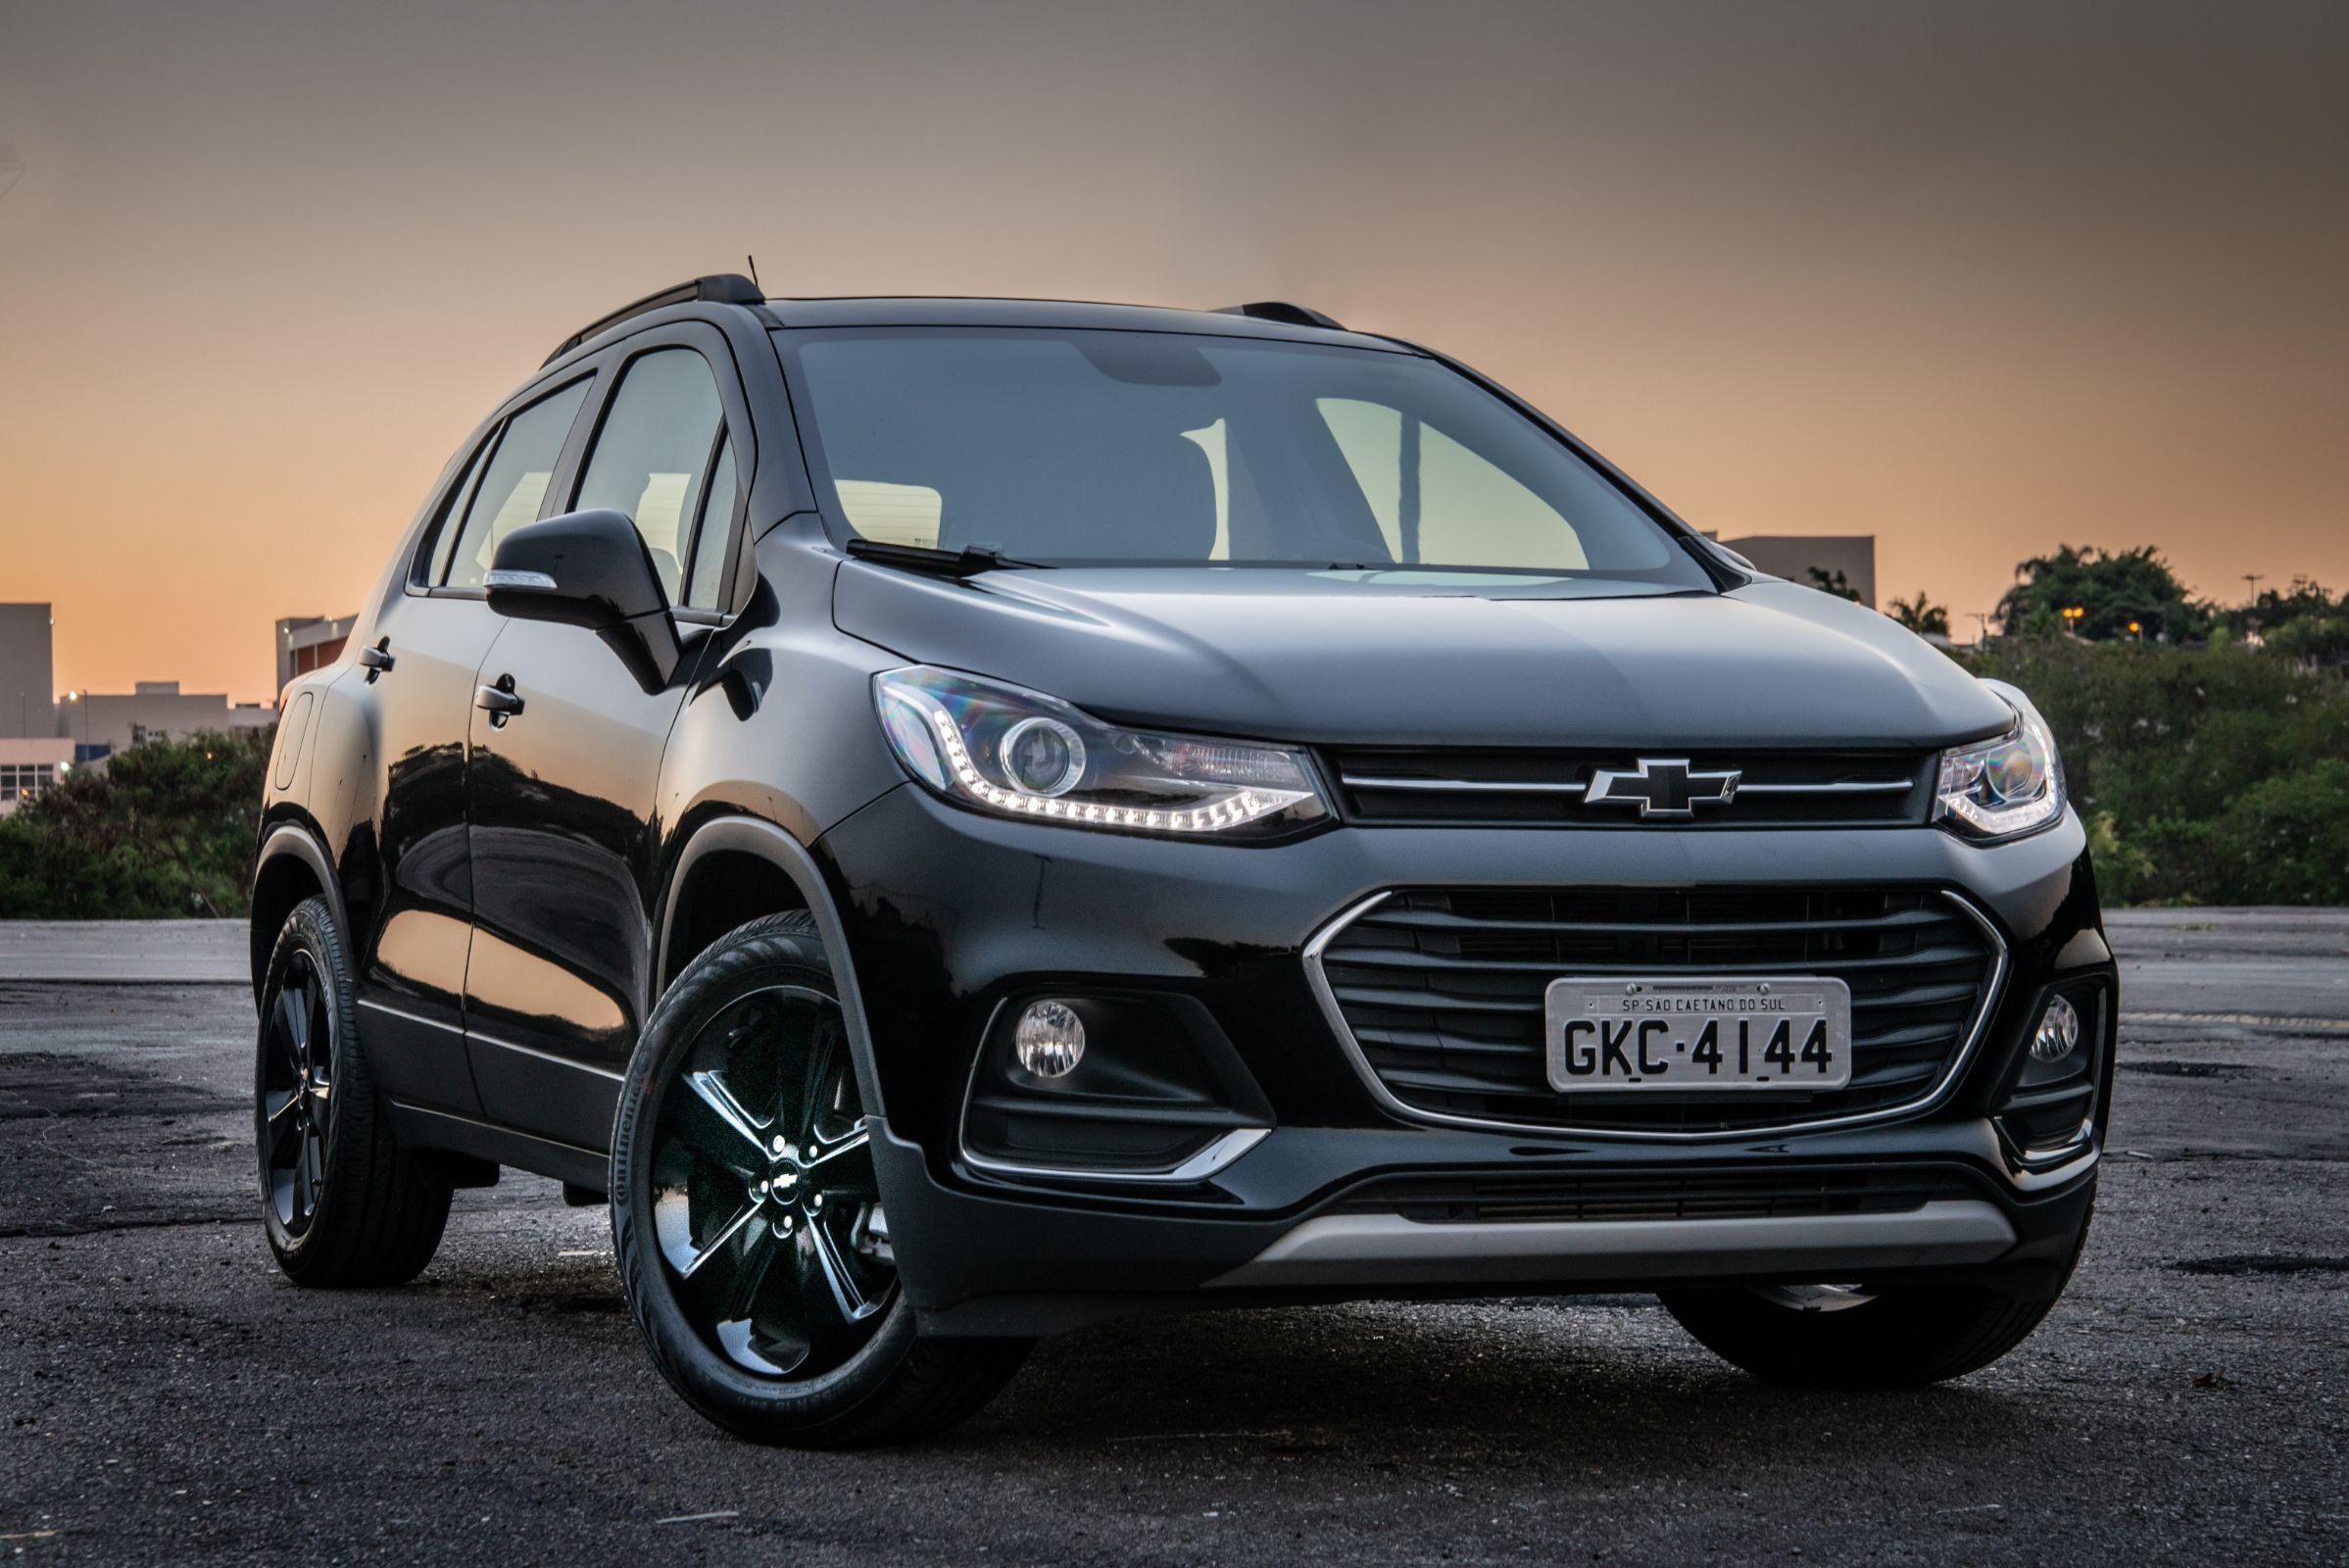 Chevrolet lança Tracker Midnight, versão 'black tie' do SUV